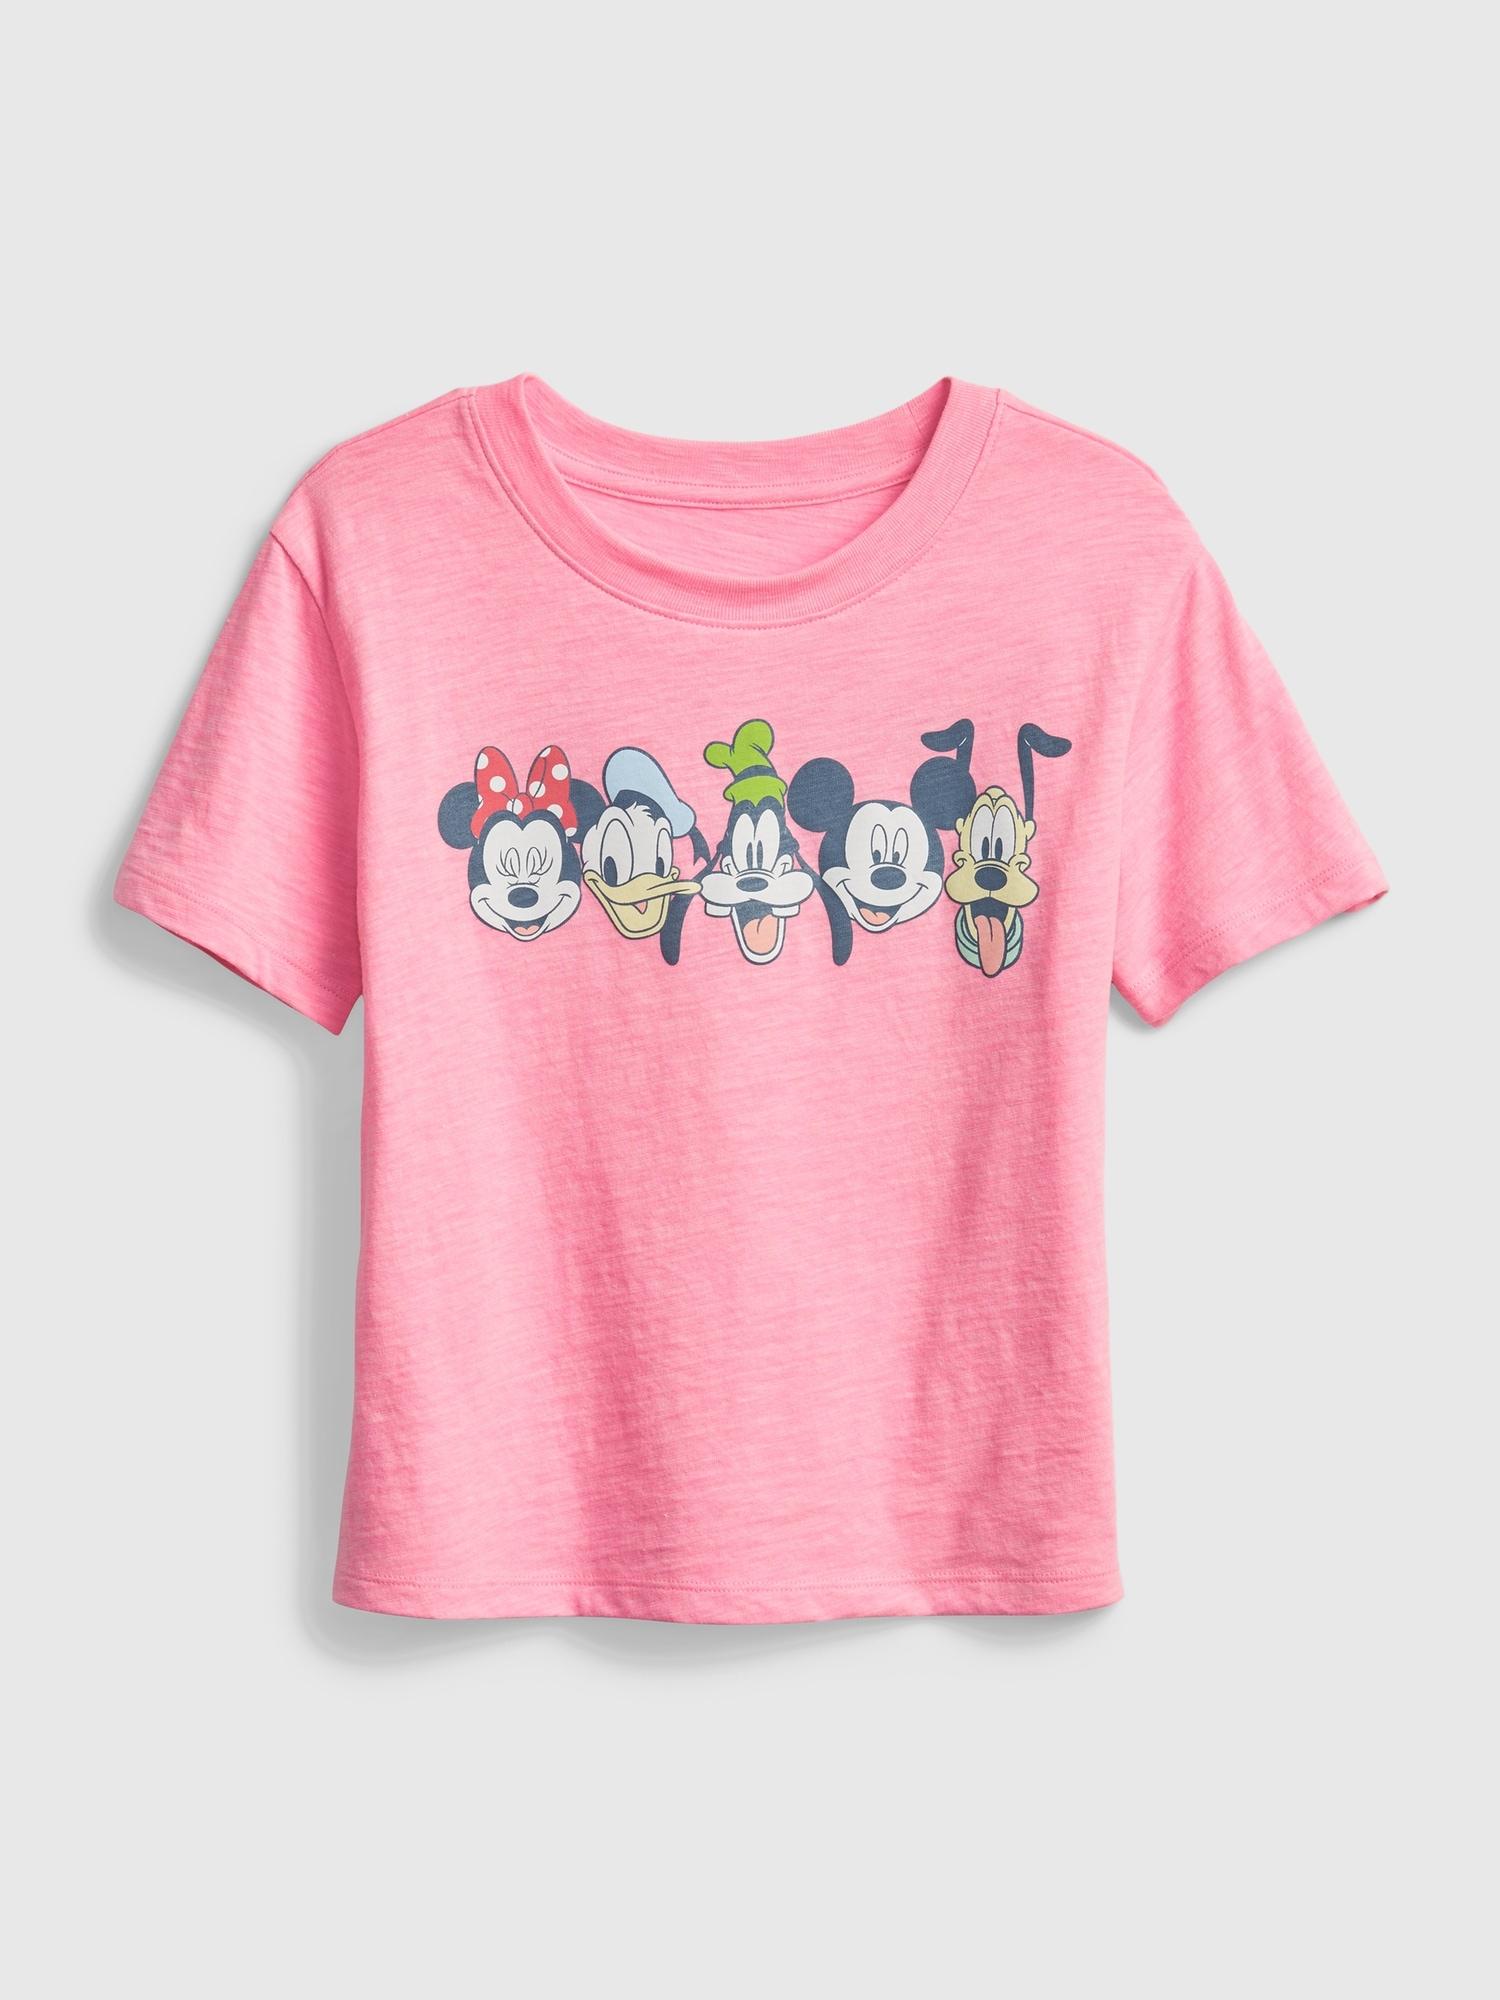 Gapkids ディズニー ミッキーマウス グラフィックtシャツ